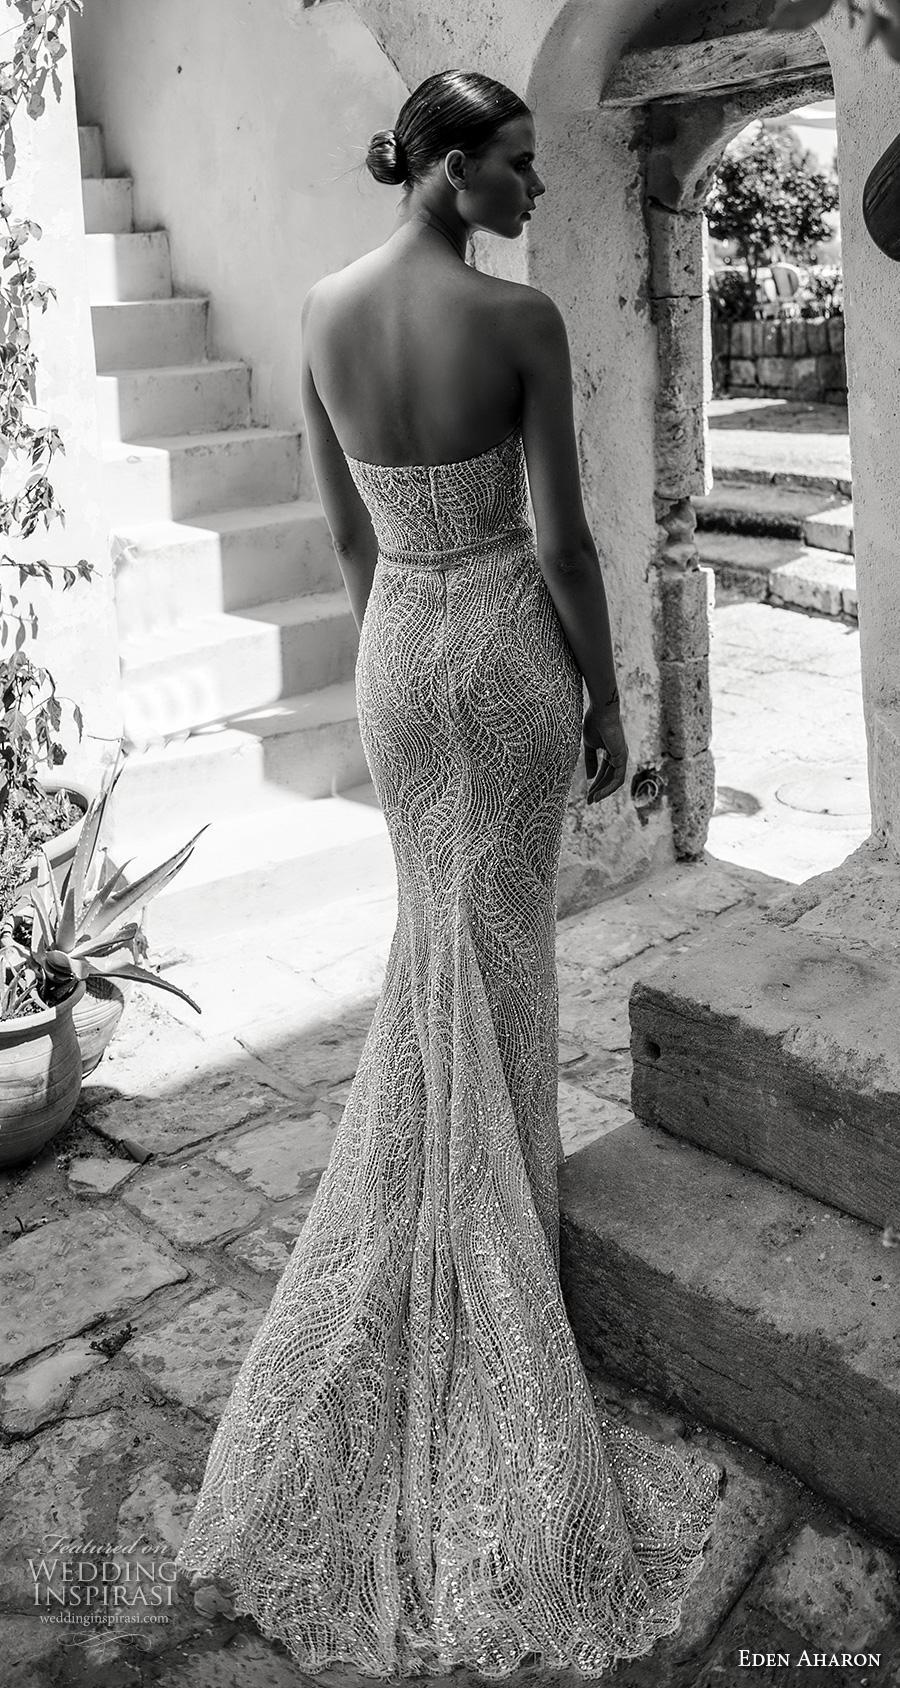 eden aharon 2019 bridal strapless sweetheart neckline full embellishment elegant sheath wedding dress mid back sweep train (2) bv